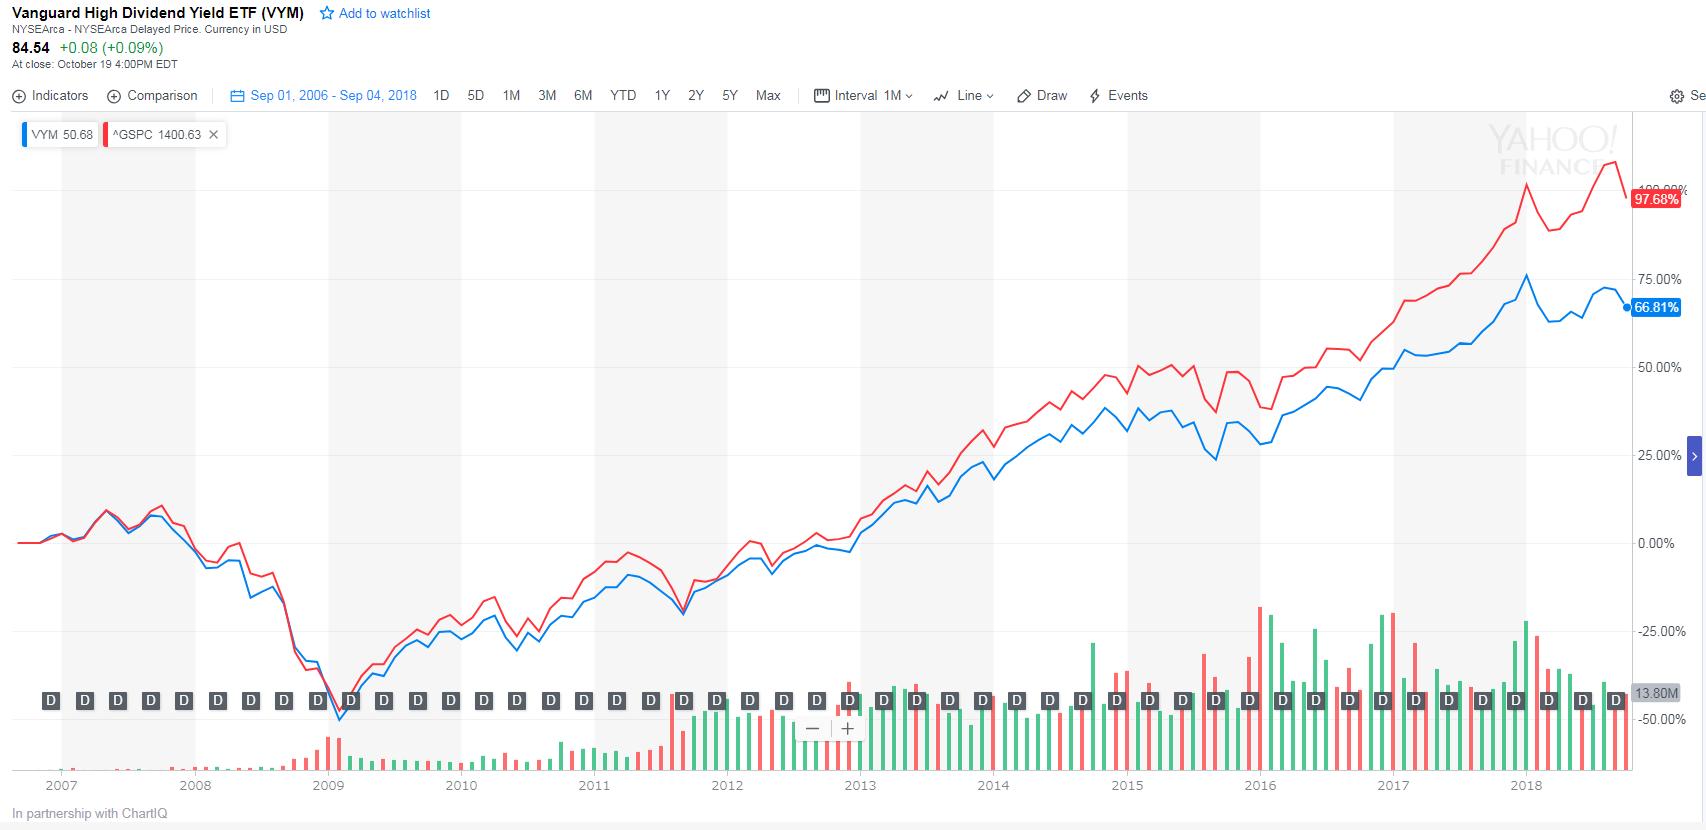 VYM、HDV、SPYDの比較。米国・高配当ETFはVYMが ...